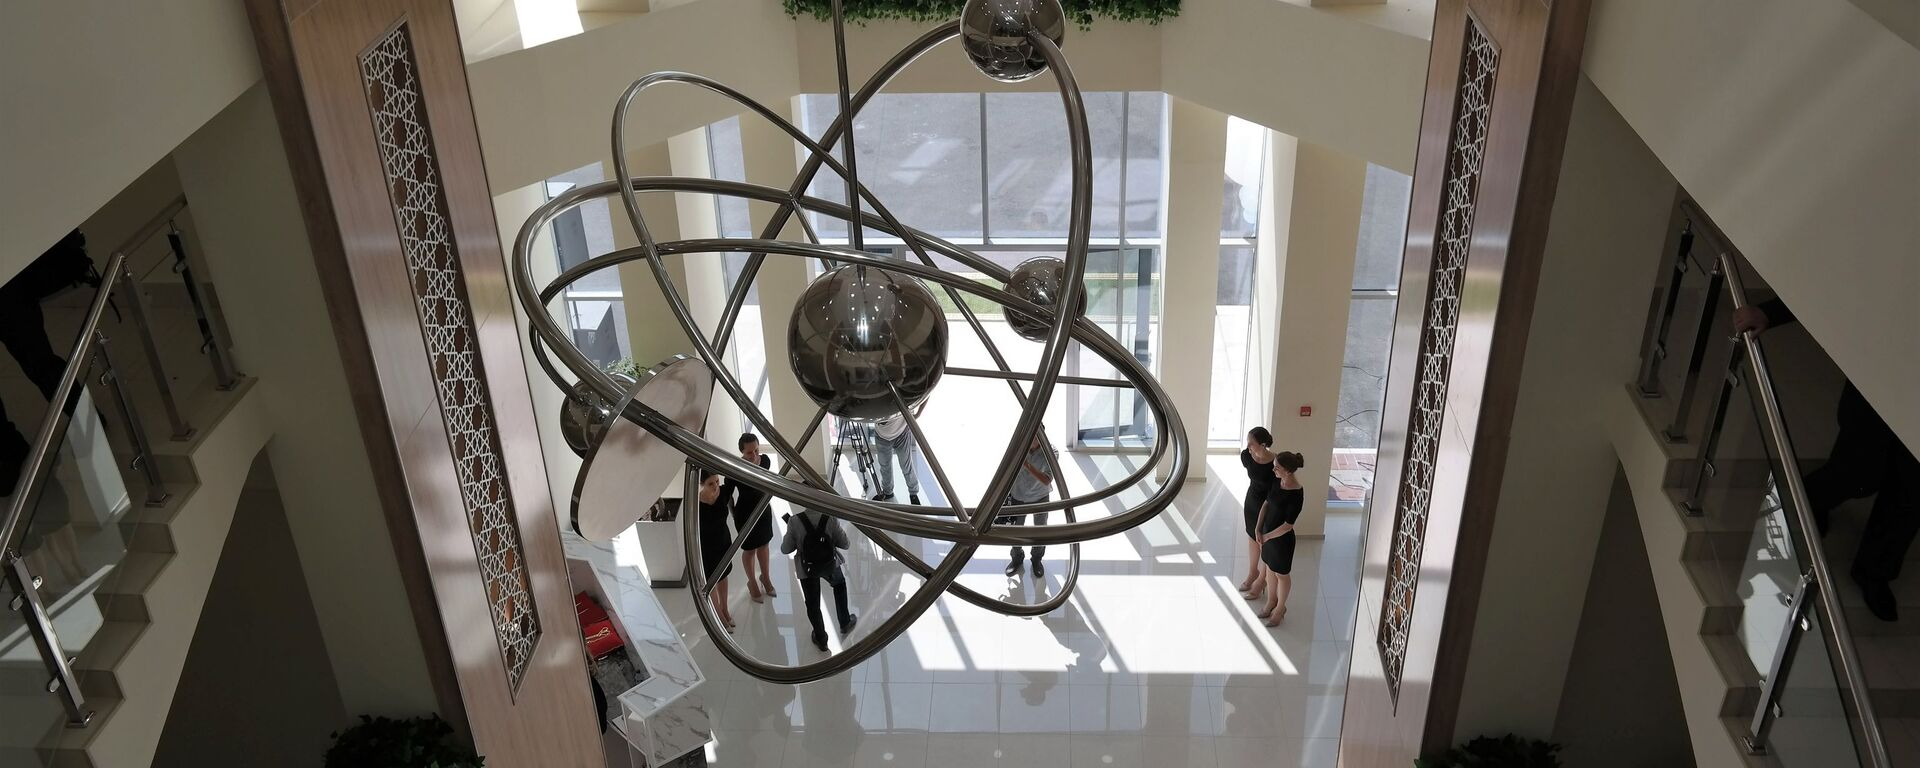 Люстра в форме атома в филиале НИЯУ МИФИ в Ташкенте - Sputnik Узбекистан, 1920, 01.04.2021